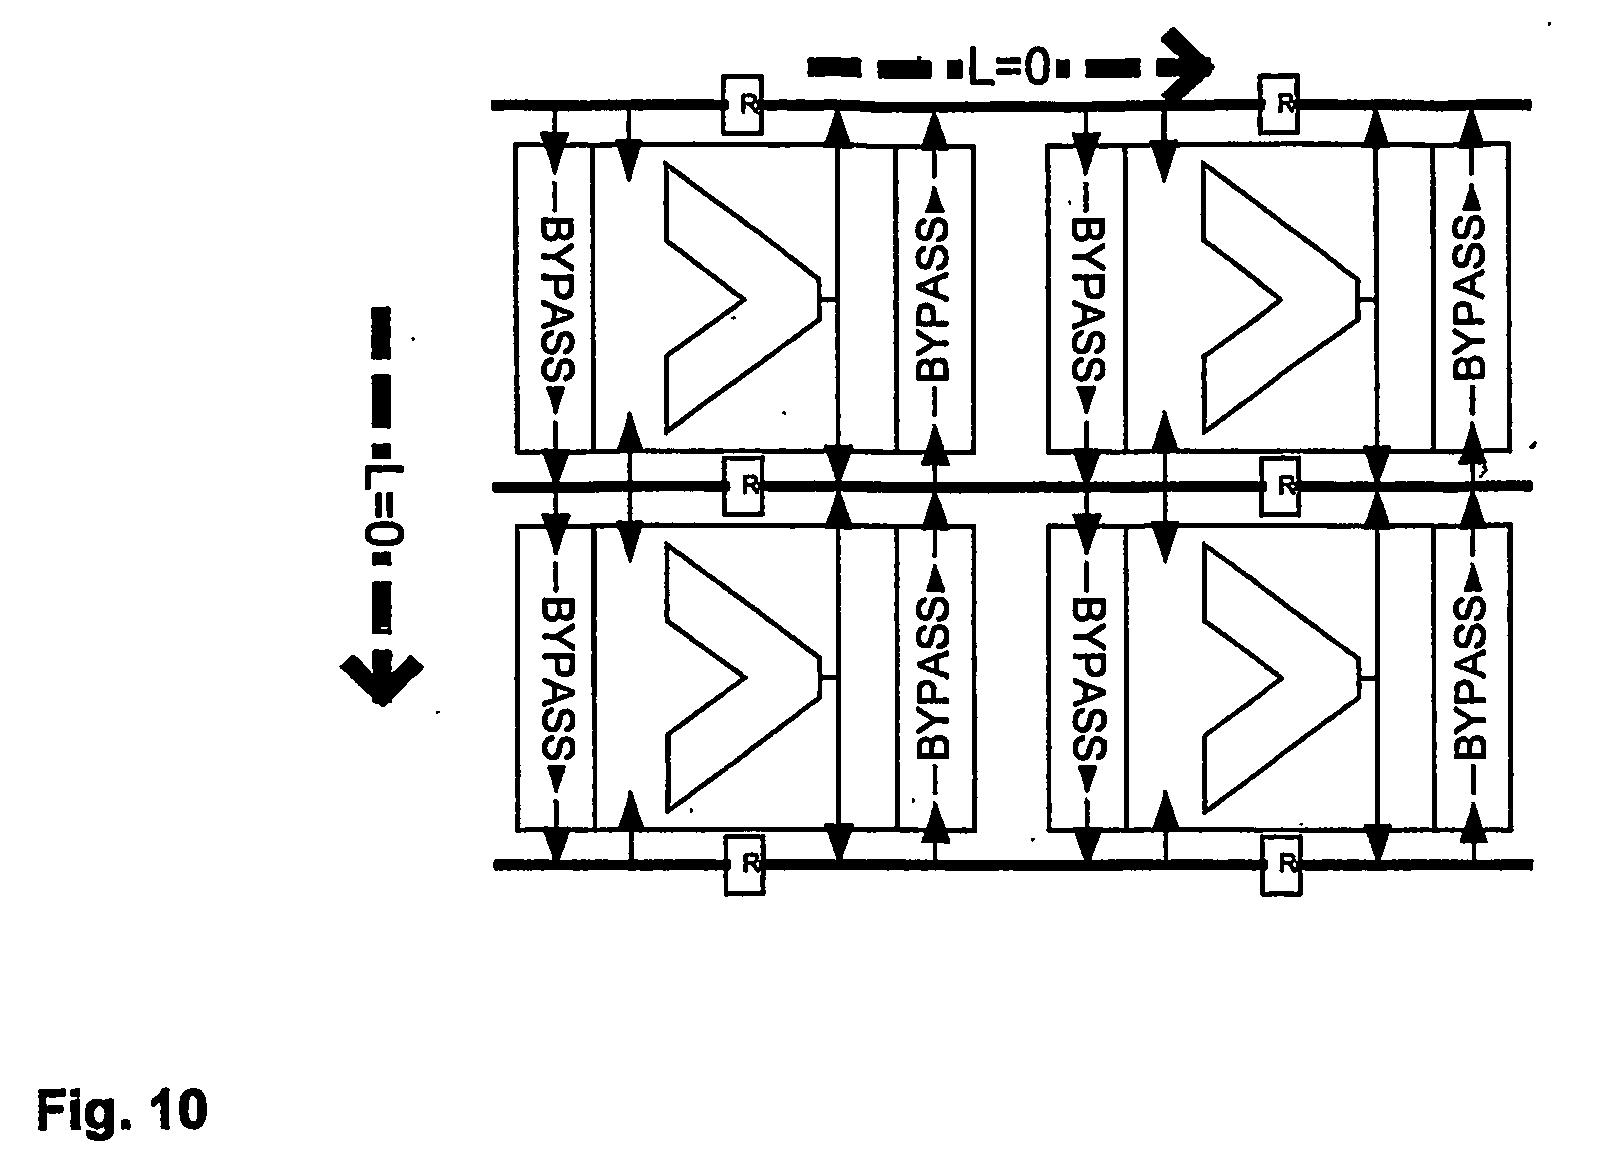 Cmp Ballast Wiring Diagram